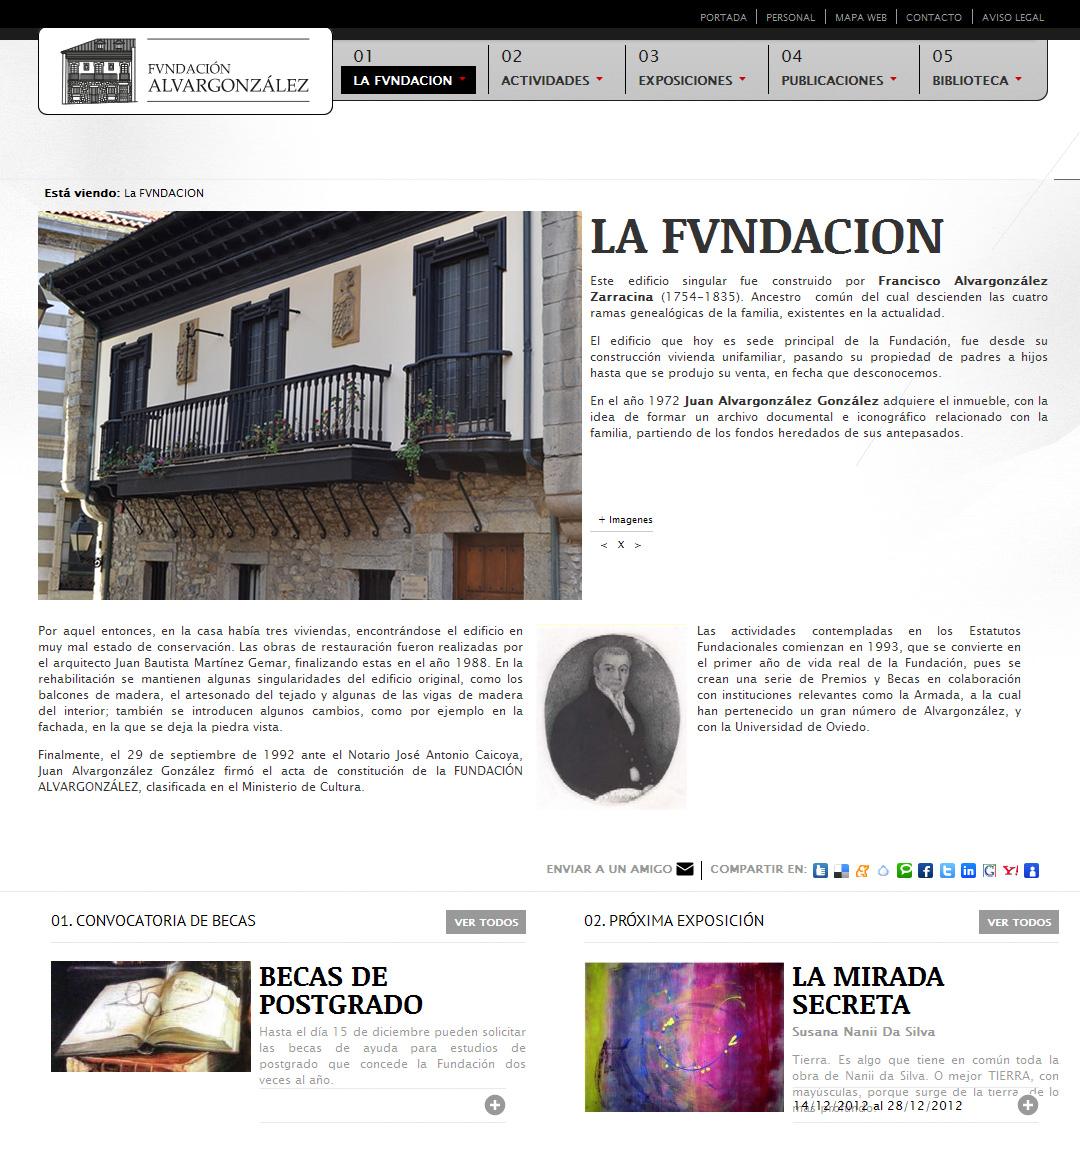 Fundación Alvargonzález